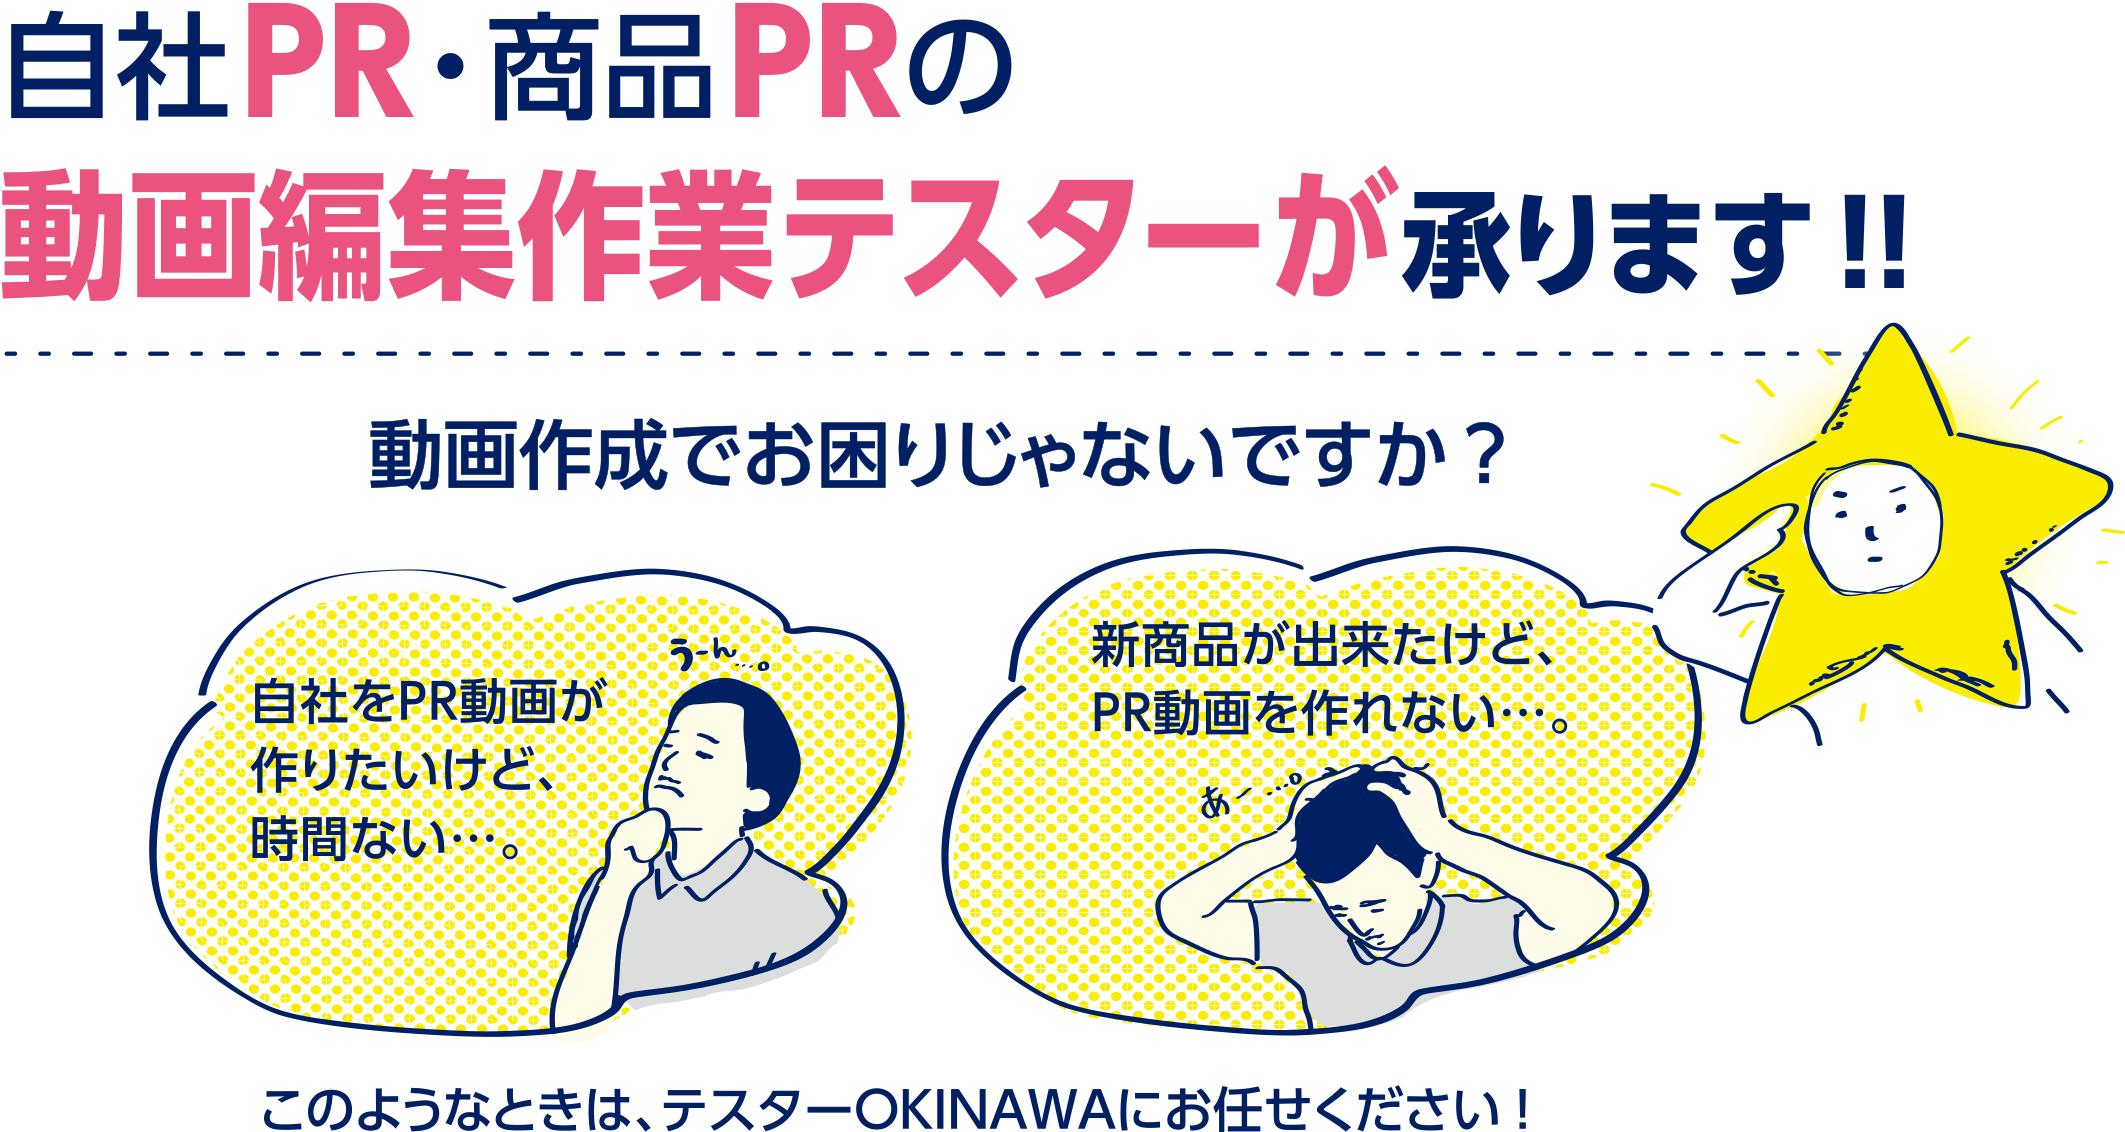 自社PR・商品PRの動画編集作業テスターが承ります!!